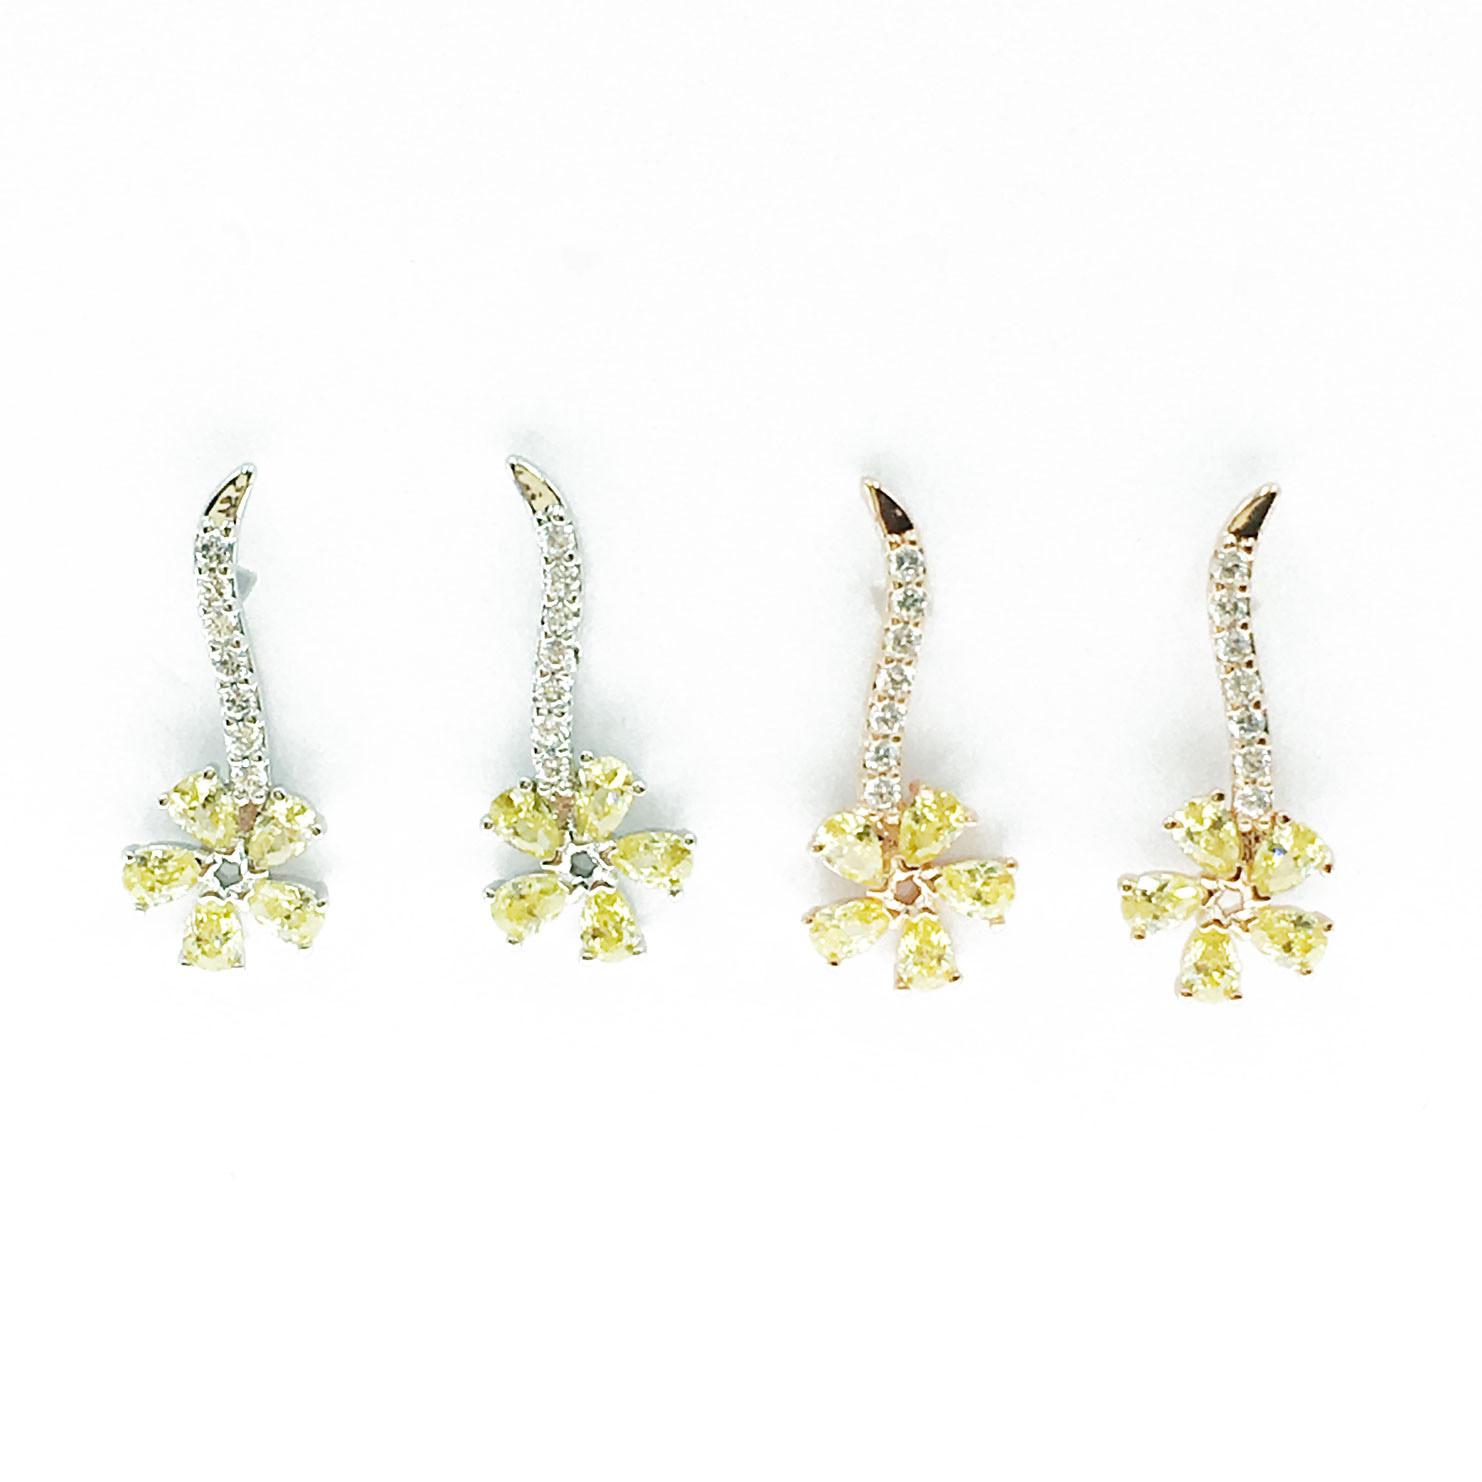 韓國 925純銀 花 水鑽 彩鑽 兩色 垂墜感 耳針式 耳環